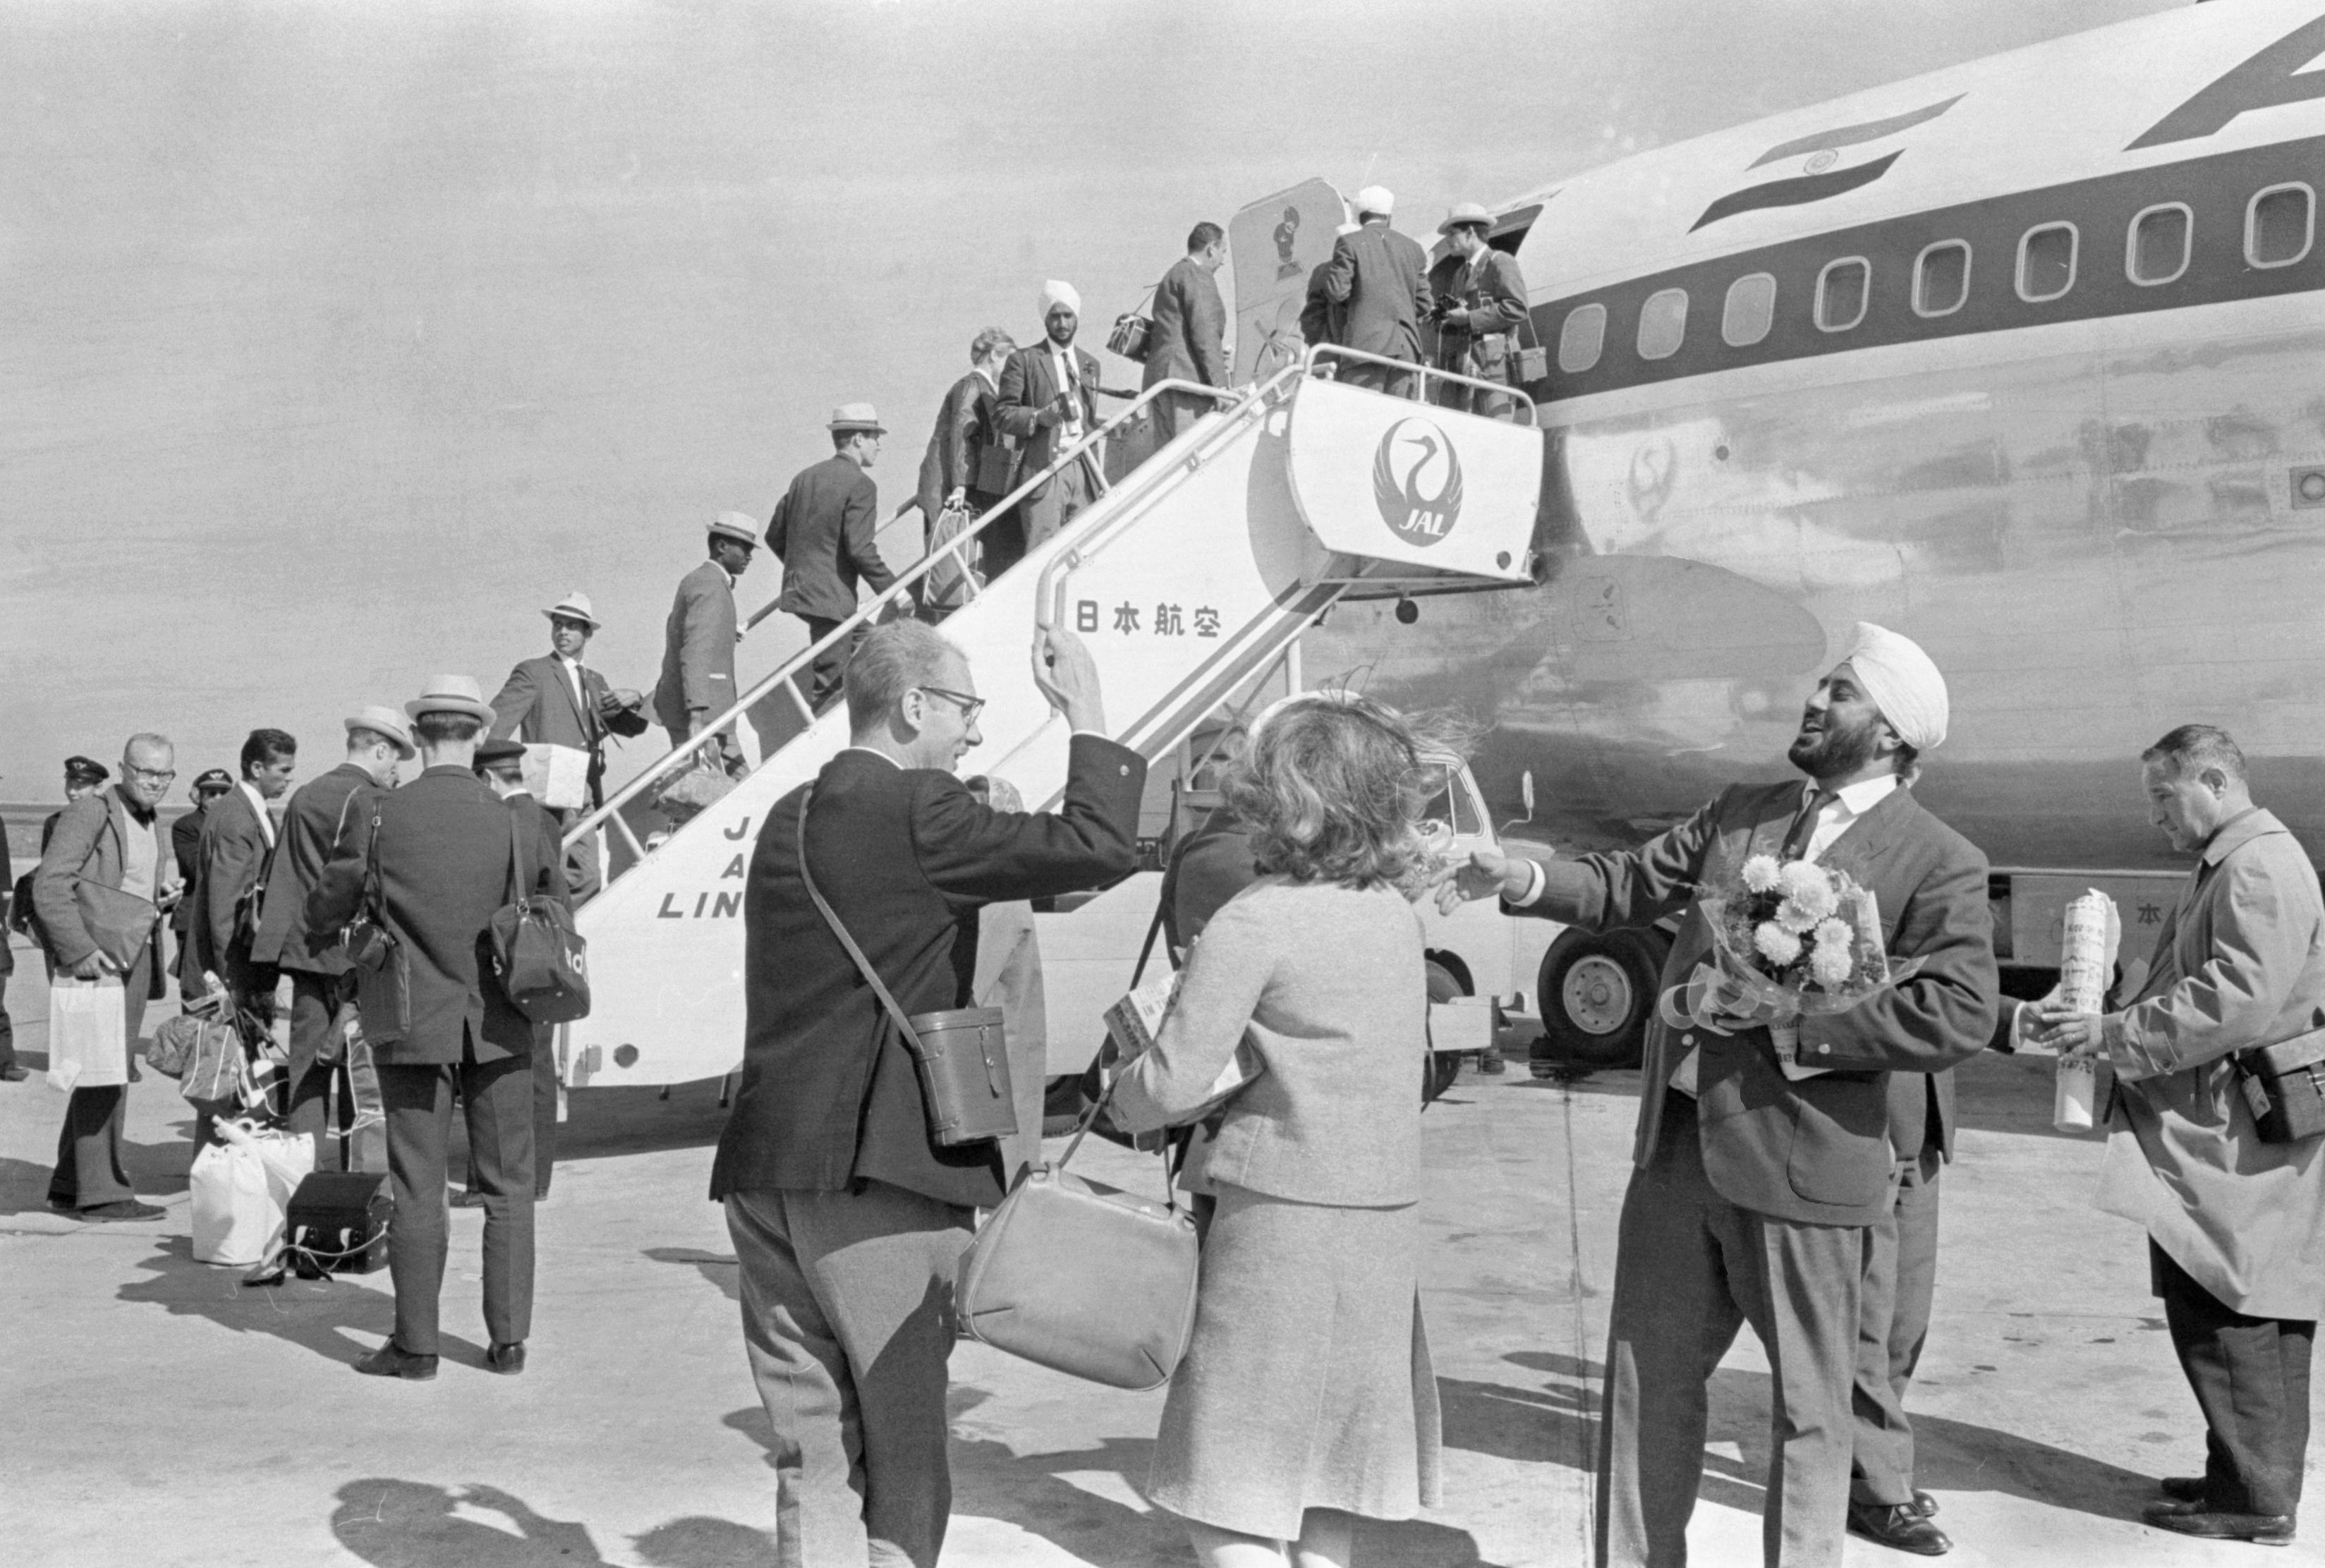 1964年10月25日、帰国のため羽田空港で旅客機に乗り込む各国選手団